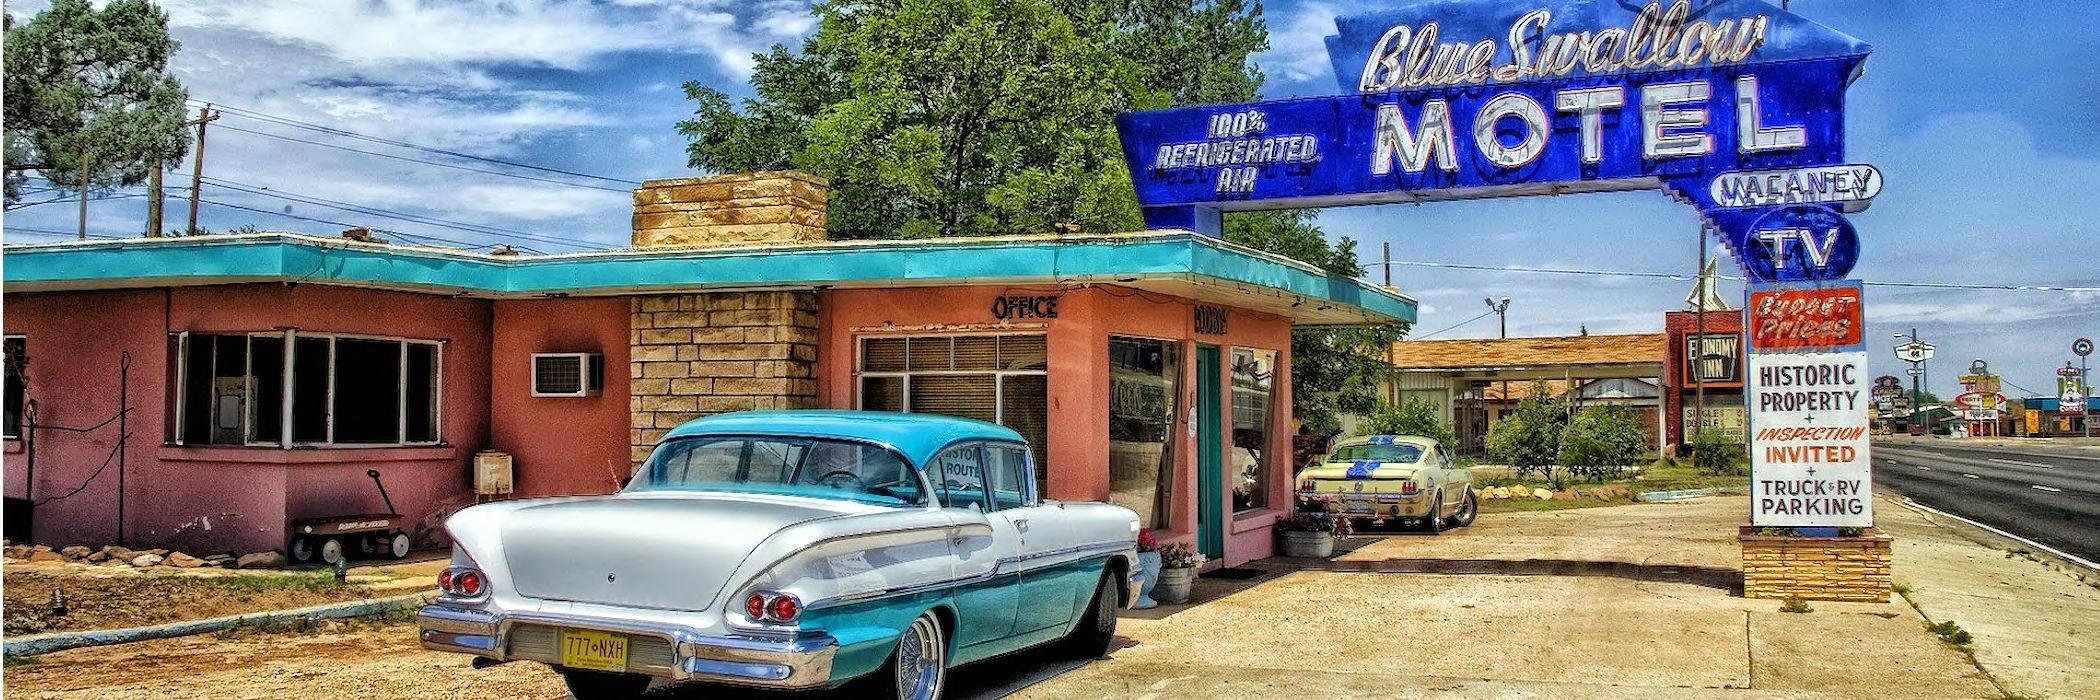 Route 66 Store : La boutique authentique et originale